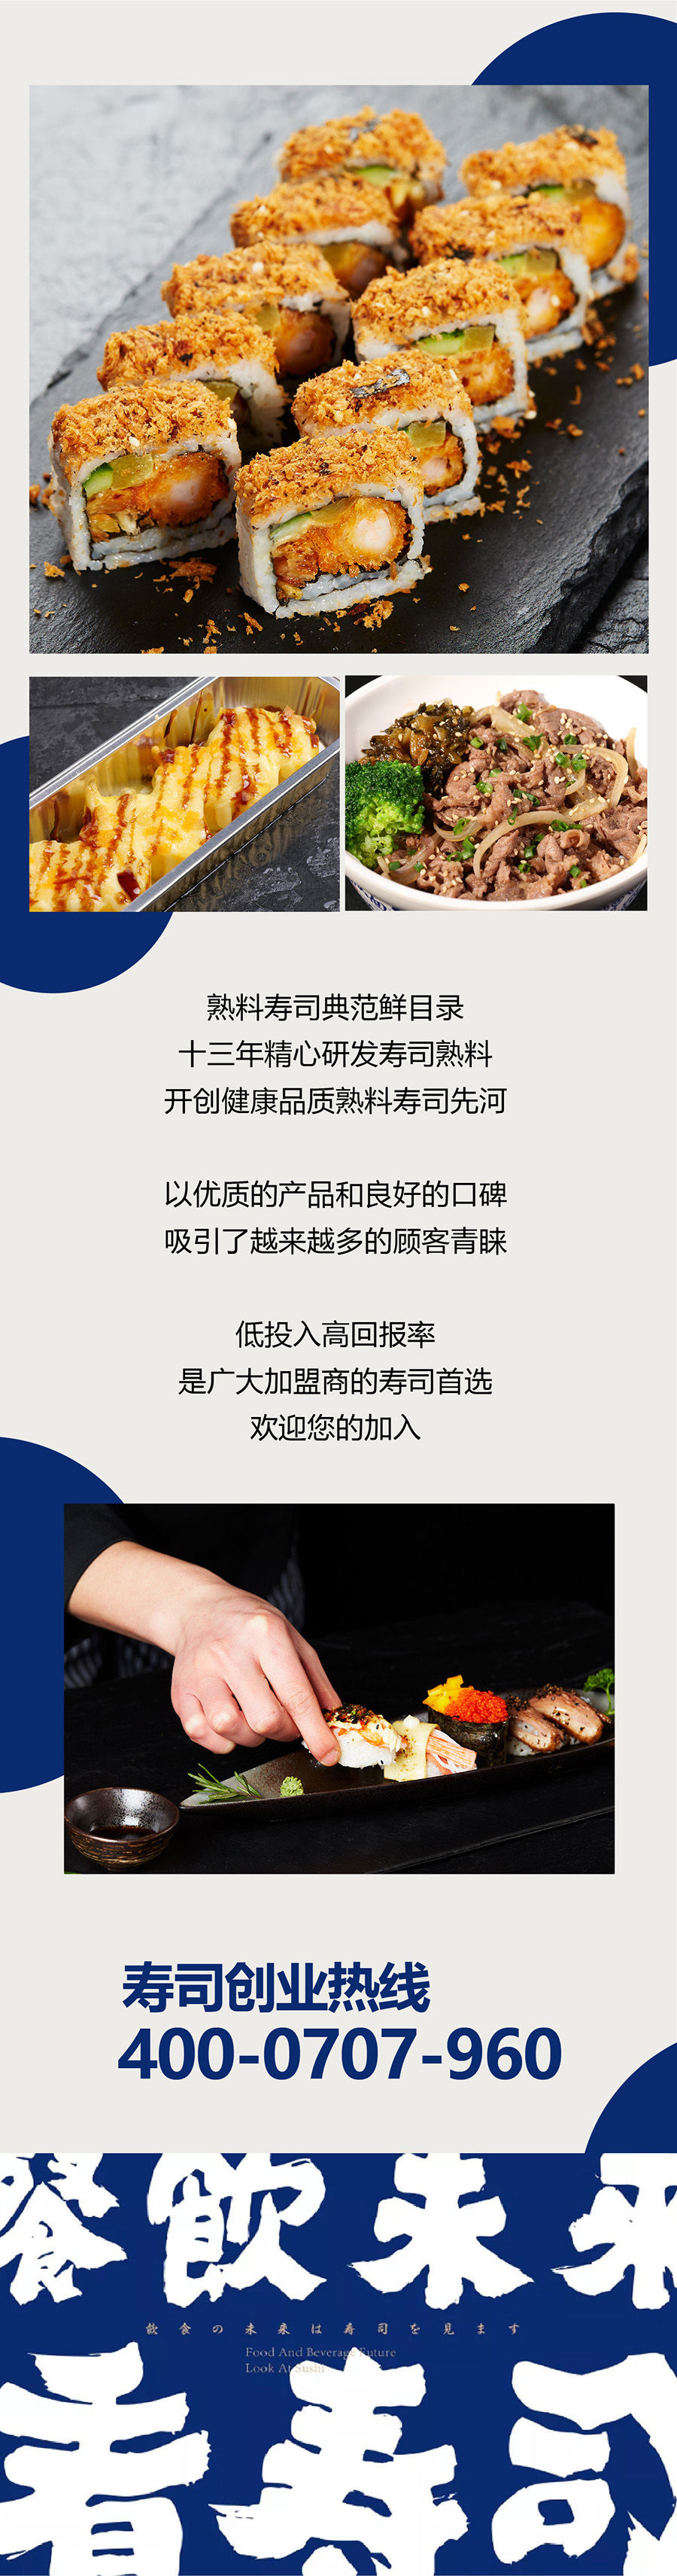 黑龙江寿司加盟